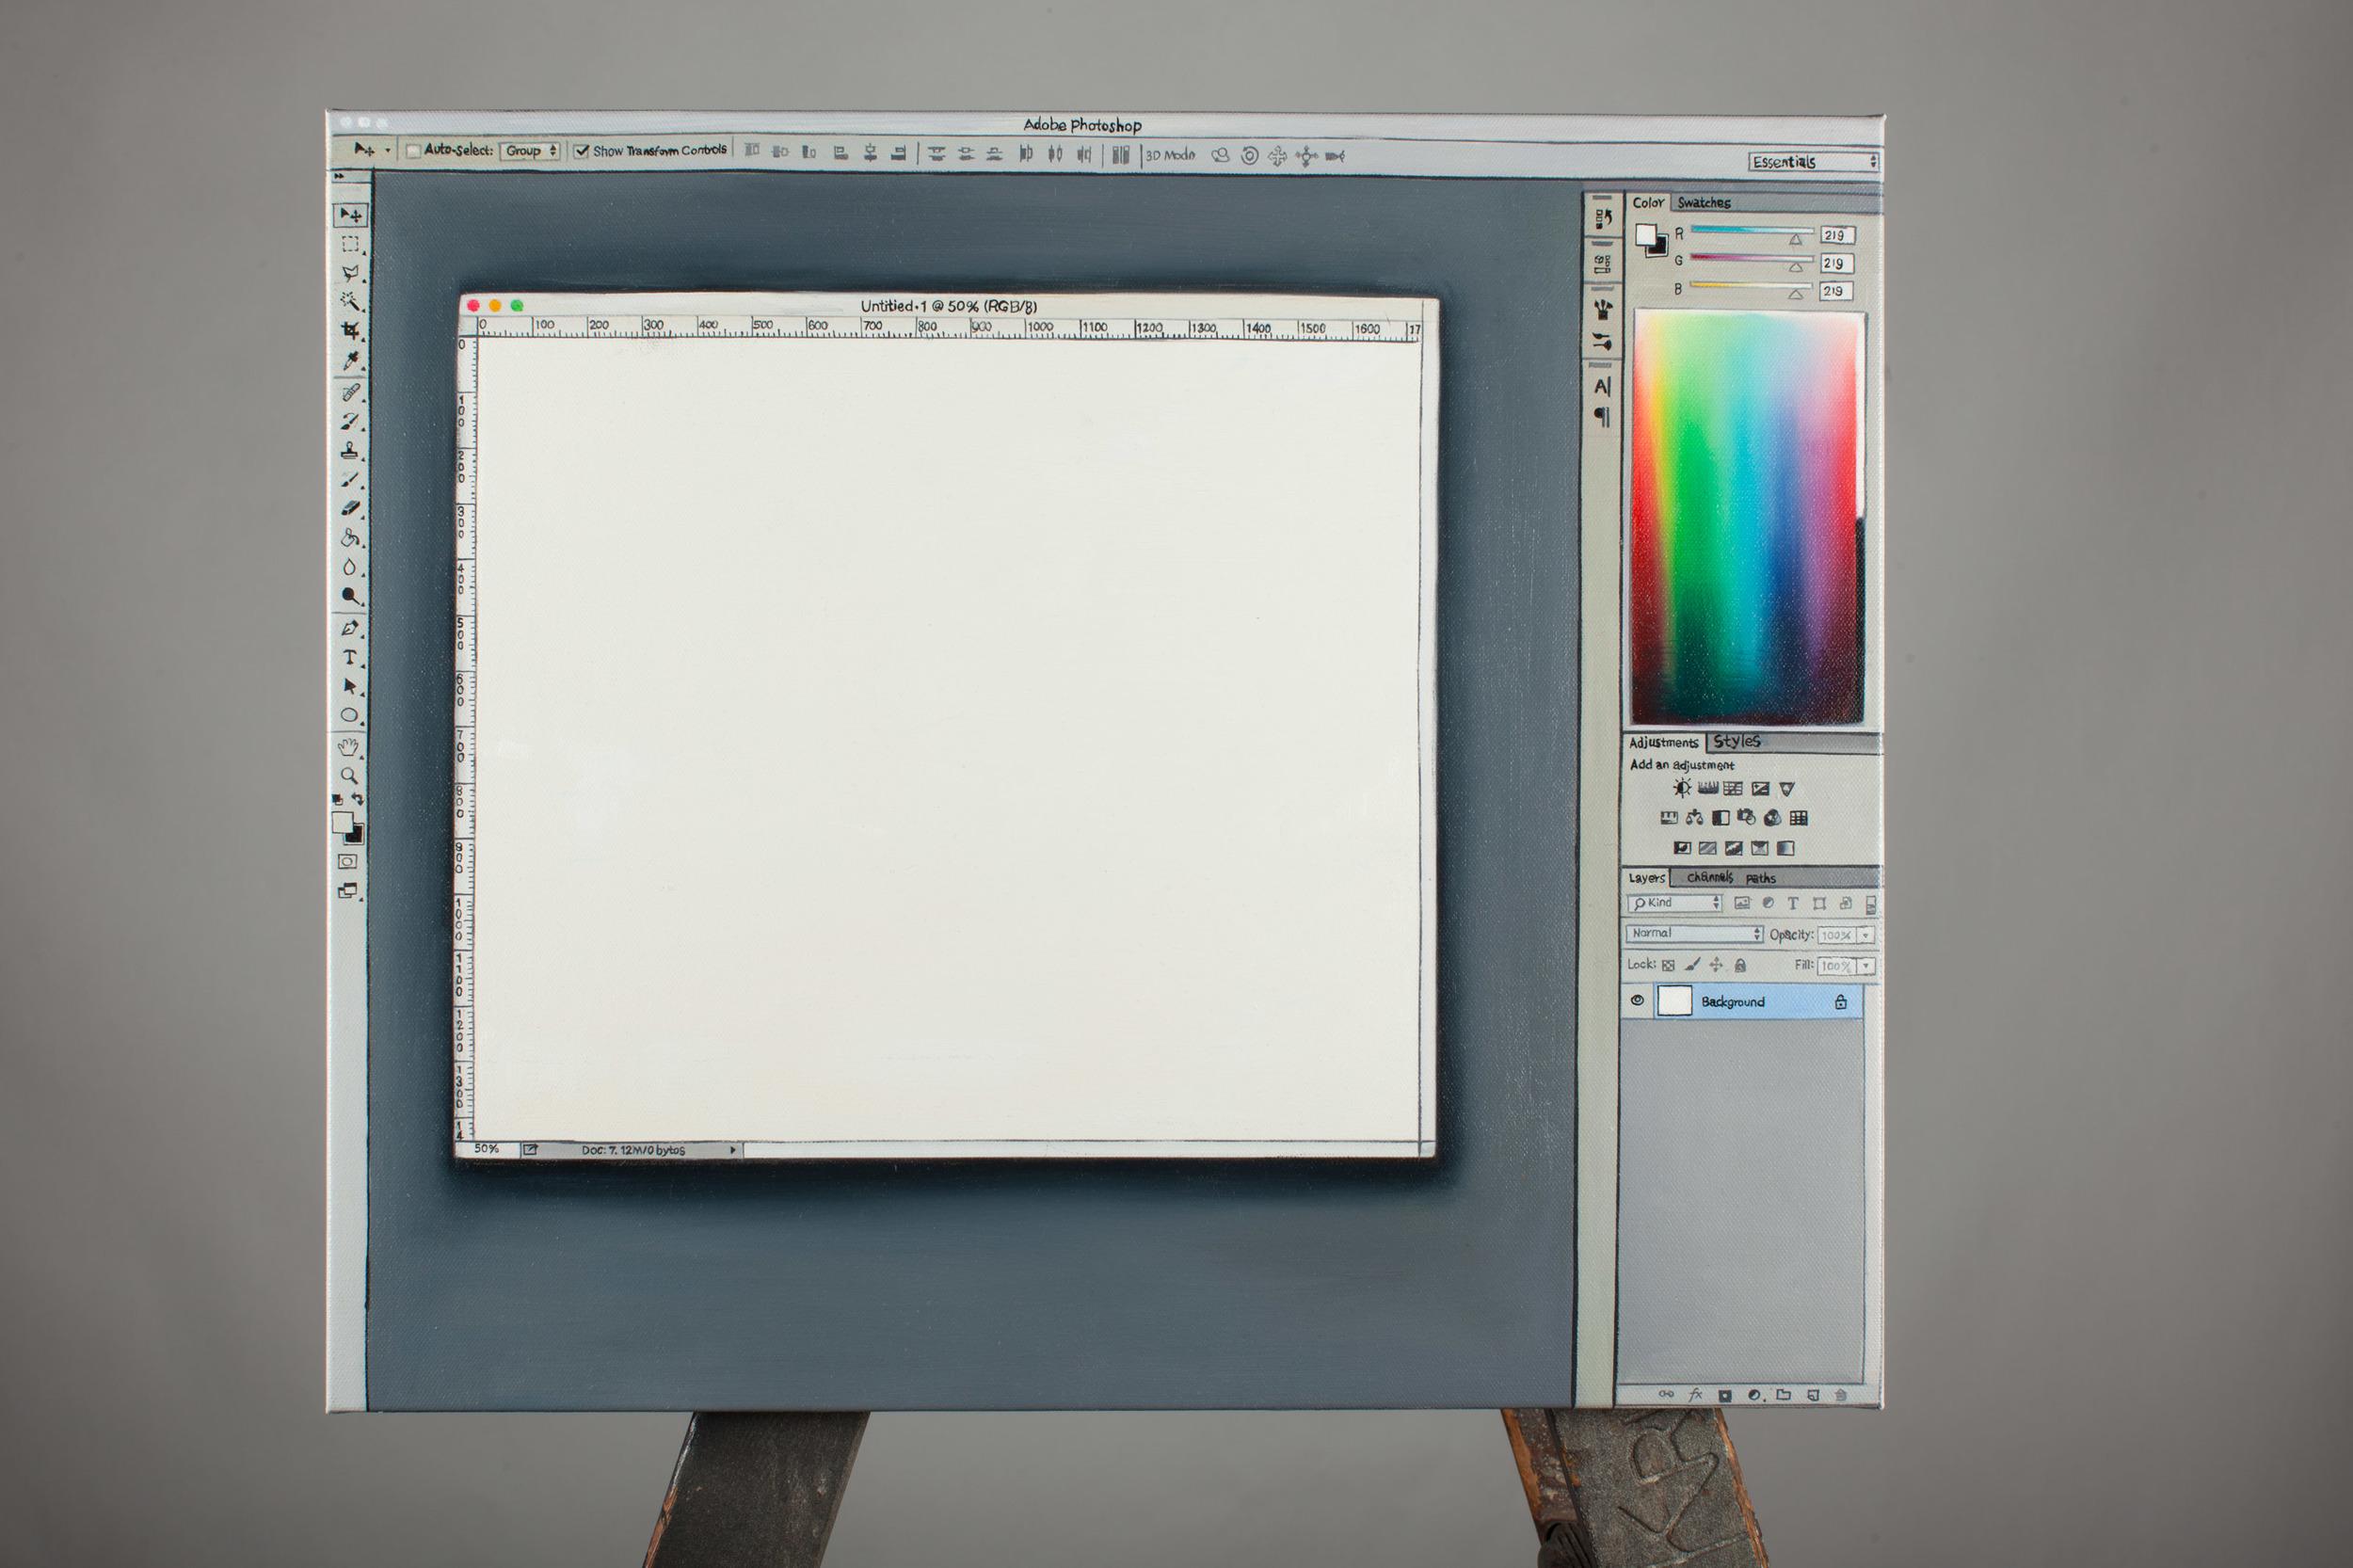 Untitled Photoshop Document